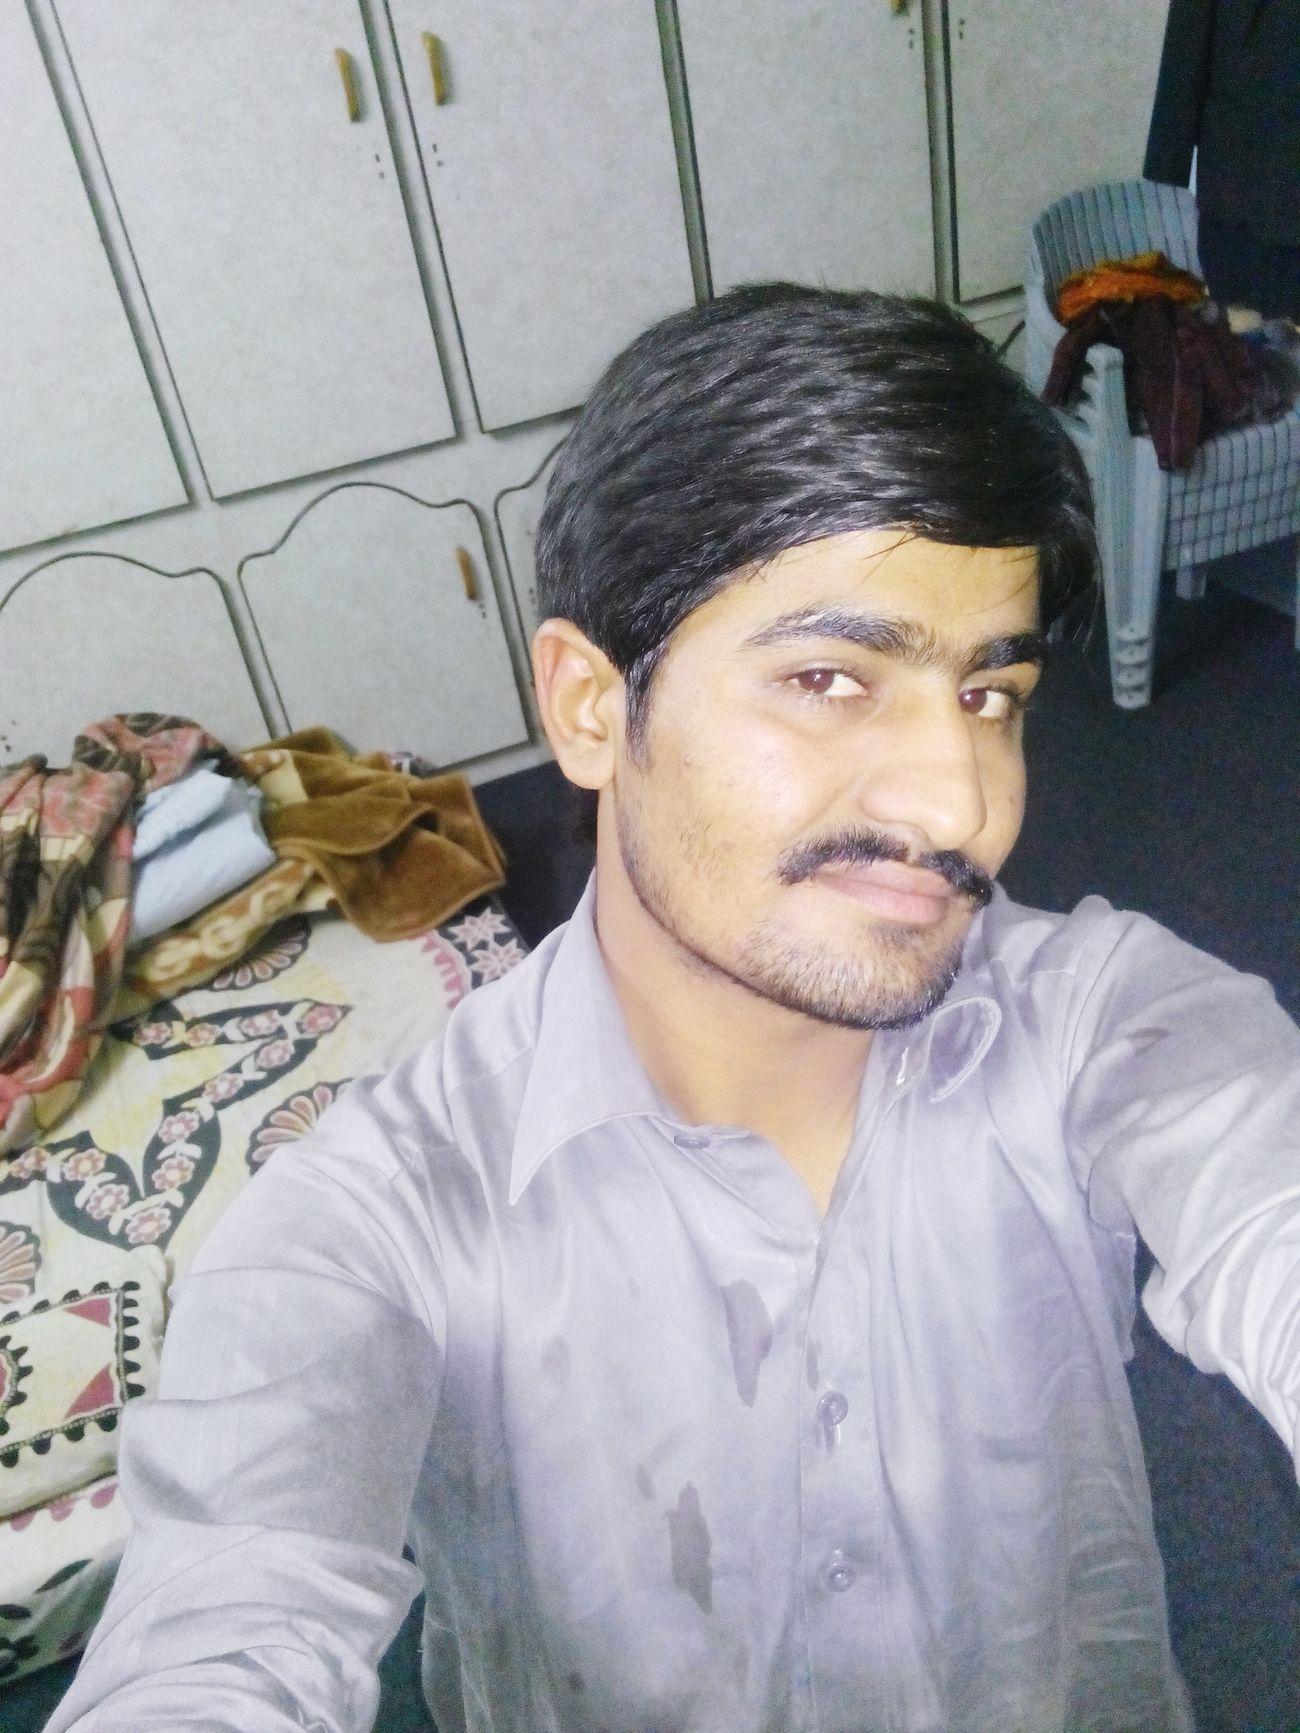 Feeling Alone